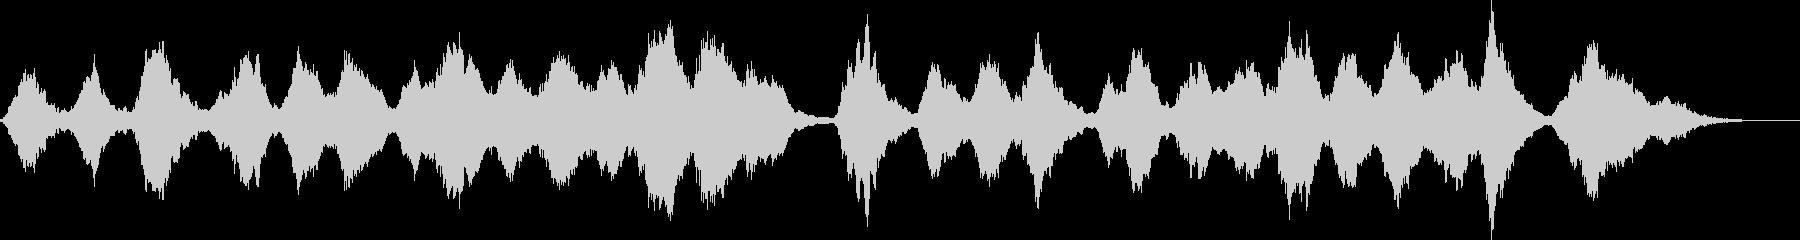 ニューエイジ研究所アンビエントフロ...の未再生の波形